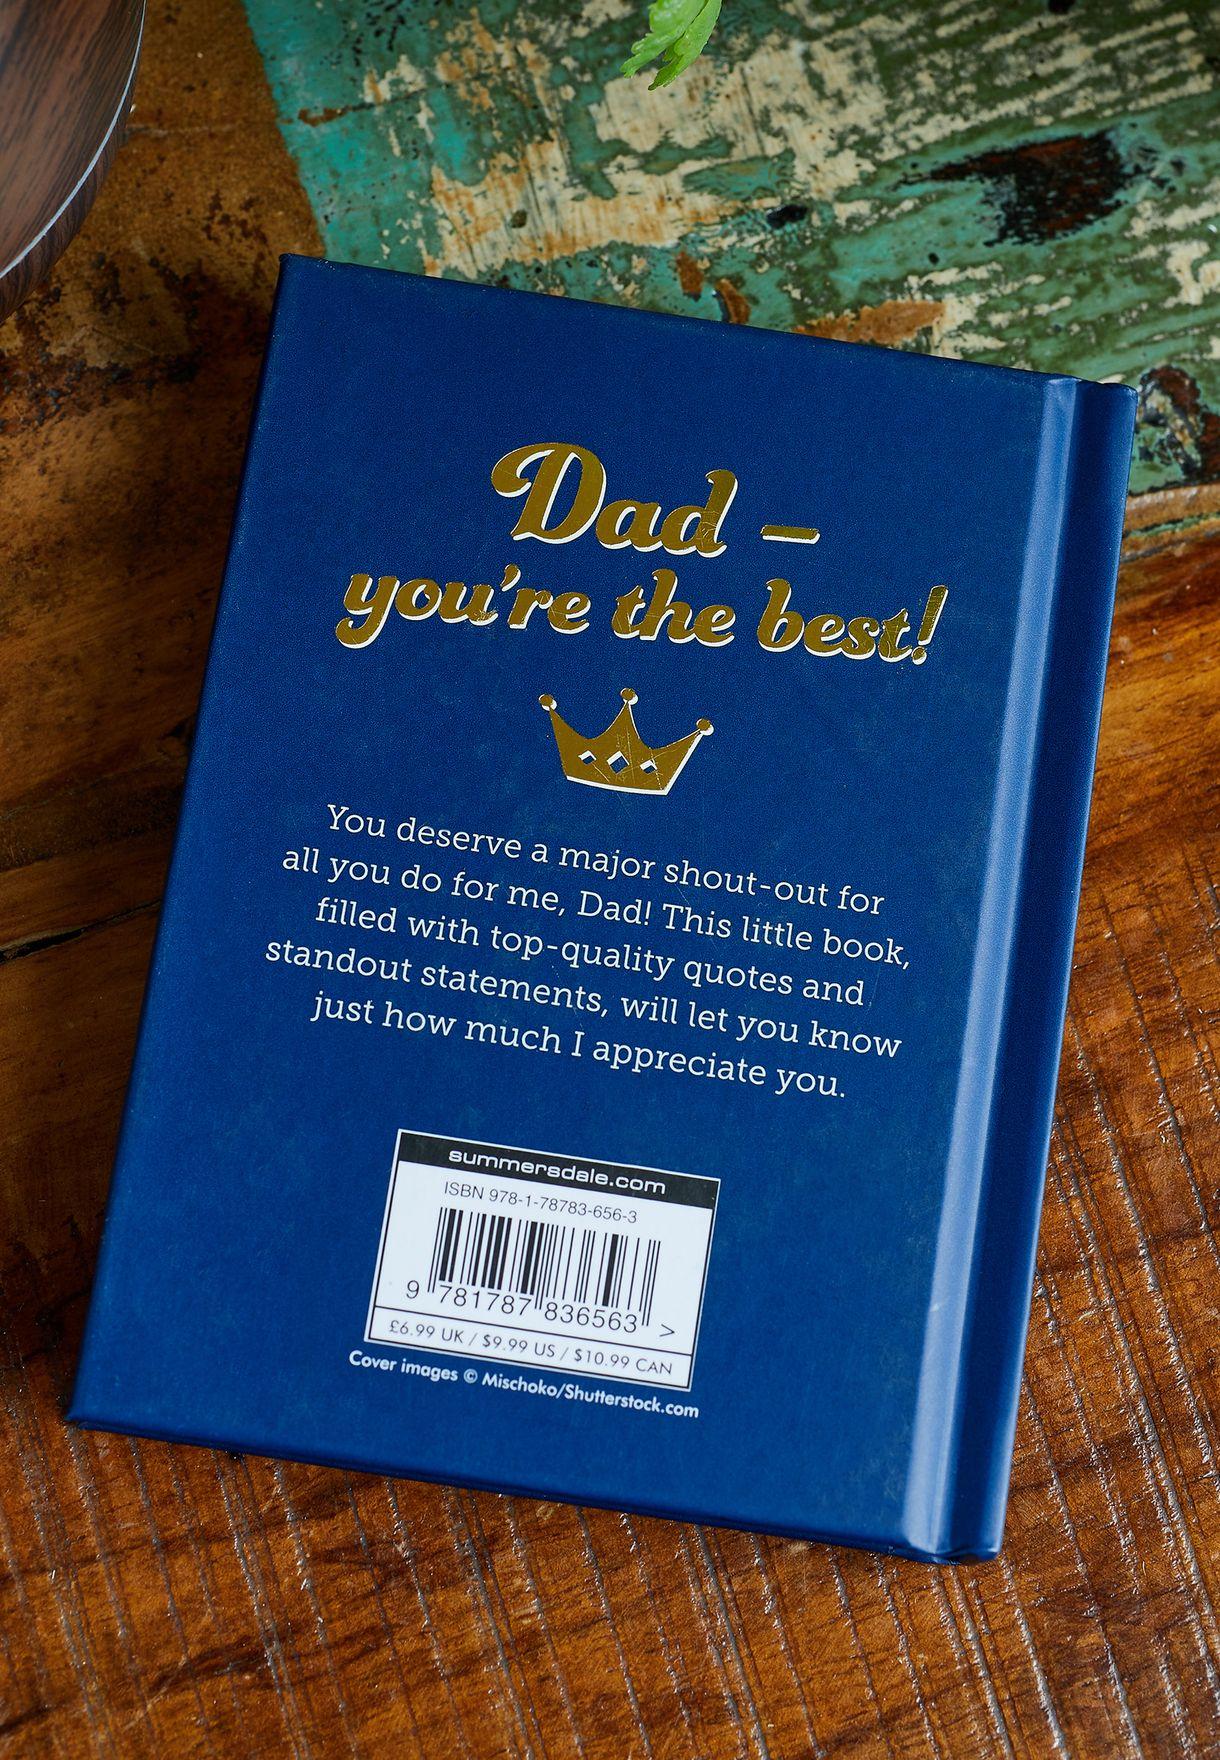 كتاب فور ذا ورلد بيست داد